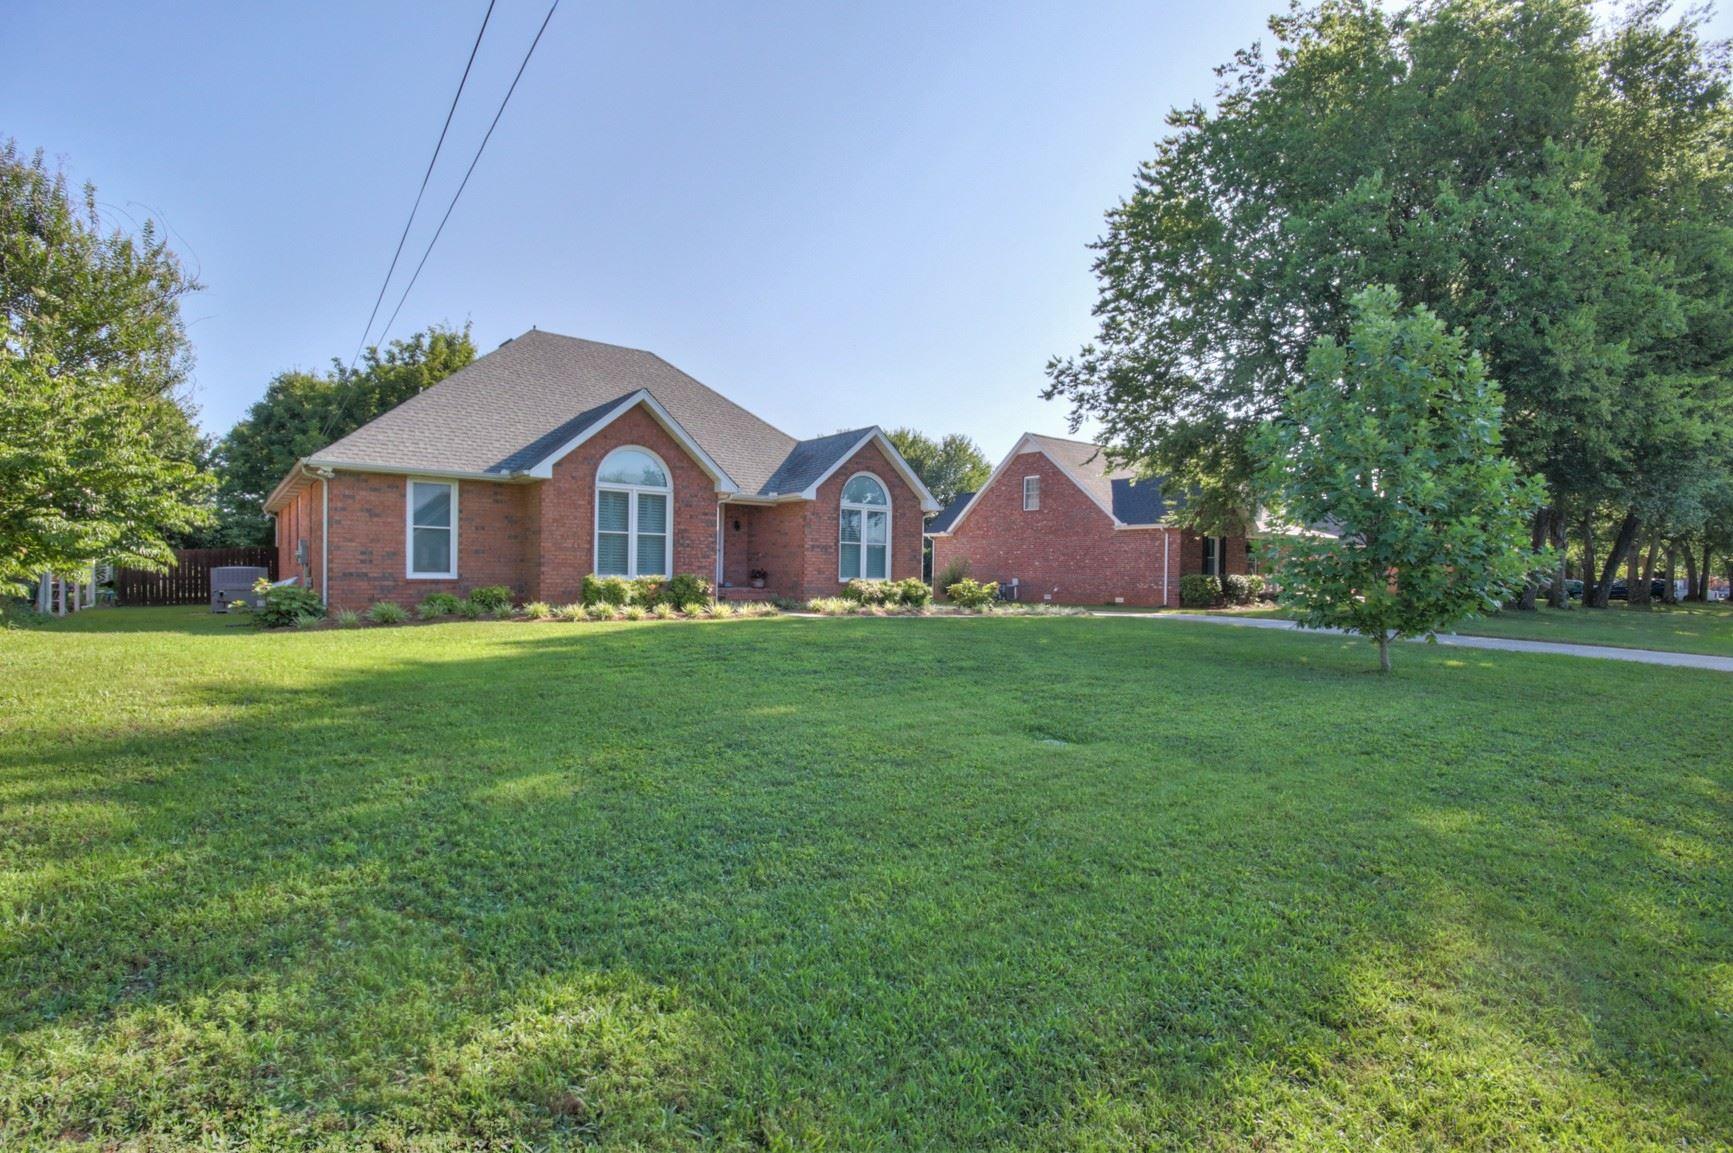 Photo of 118 Marauder Ct, Murfreesboro, TN 37127 (MLS # 2167805)